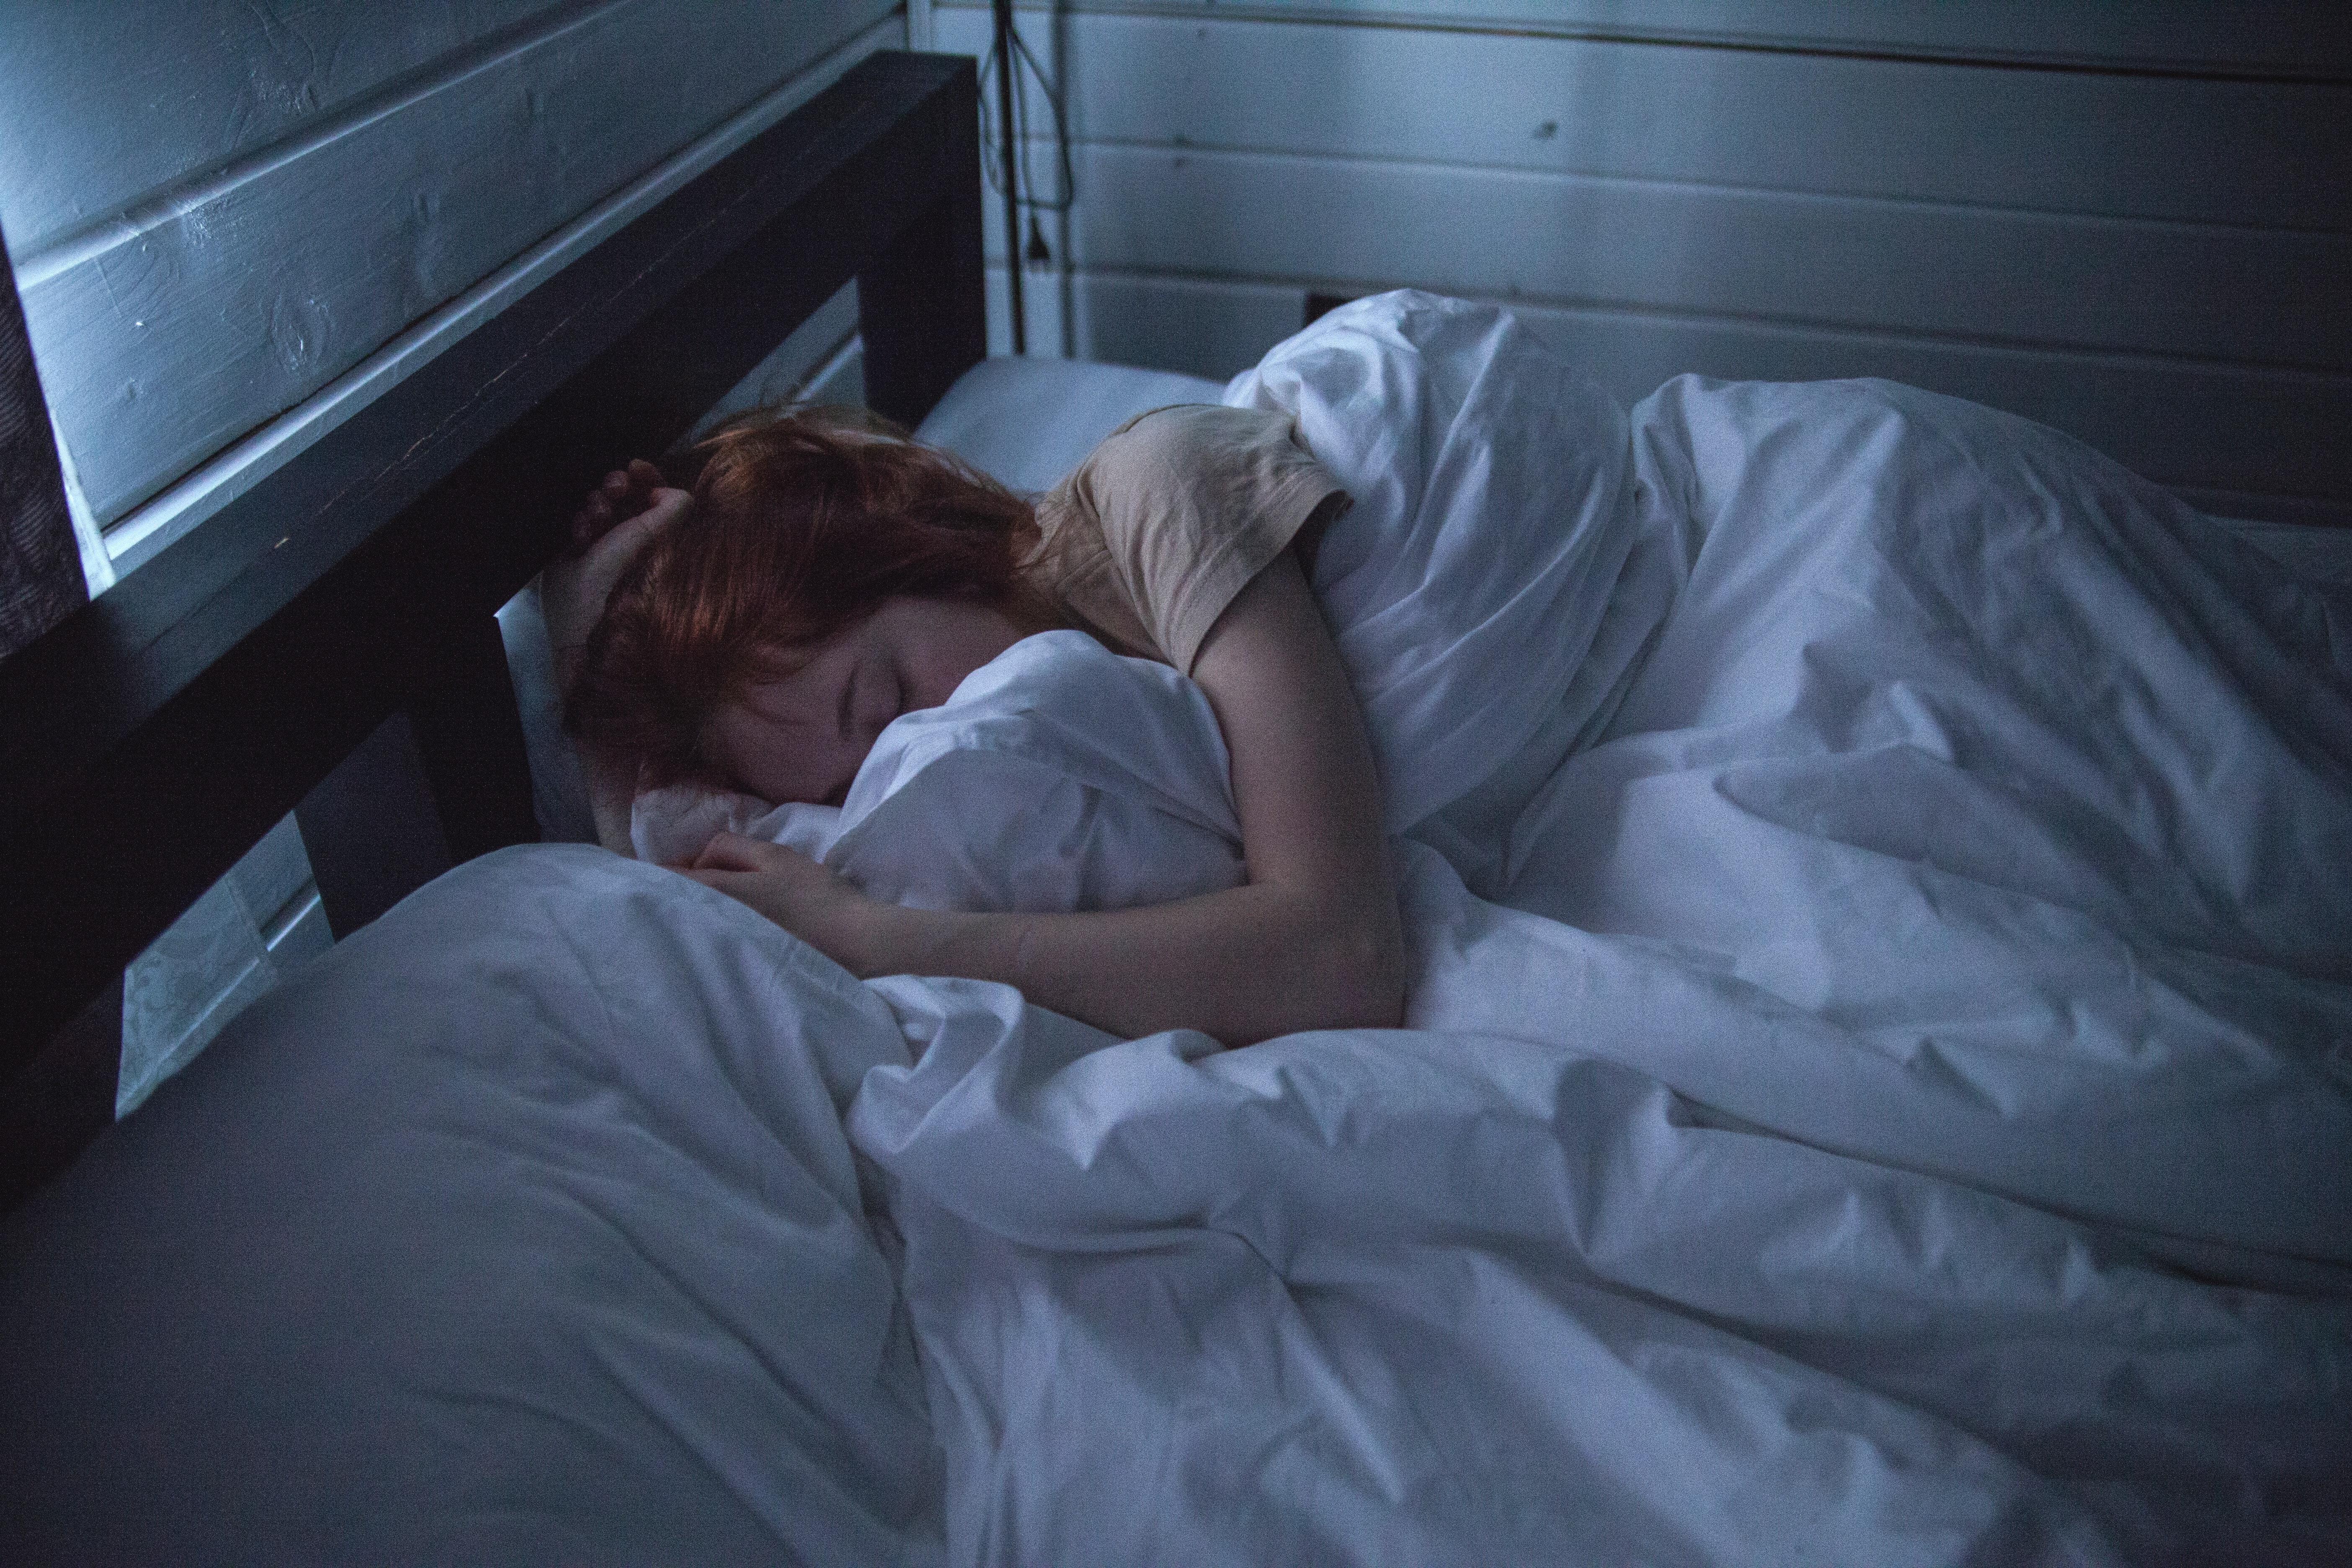 Sov rigtigt godt